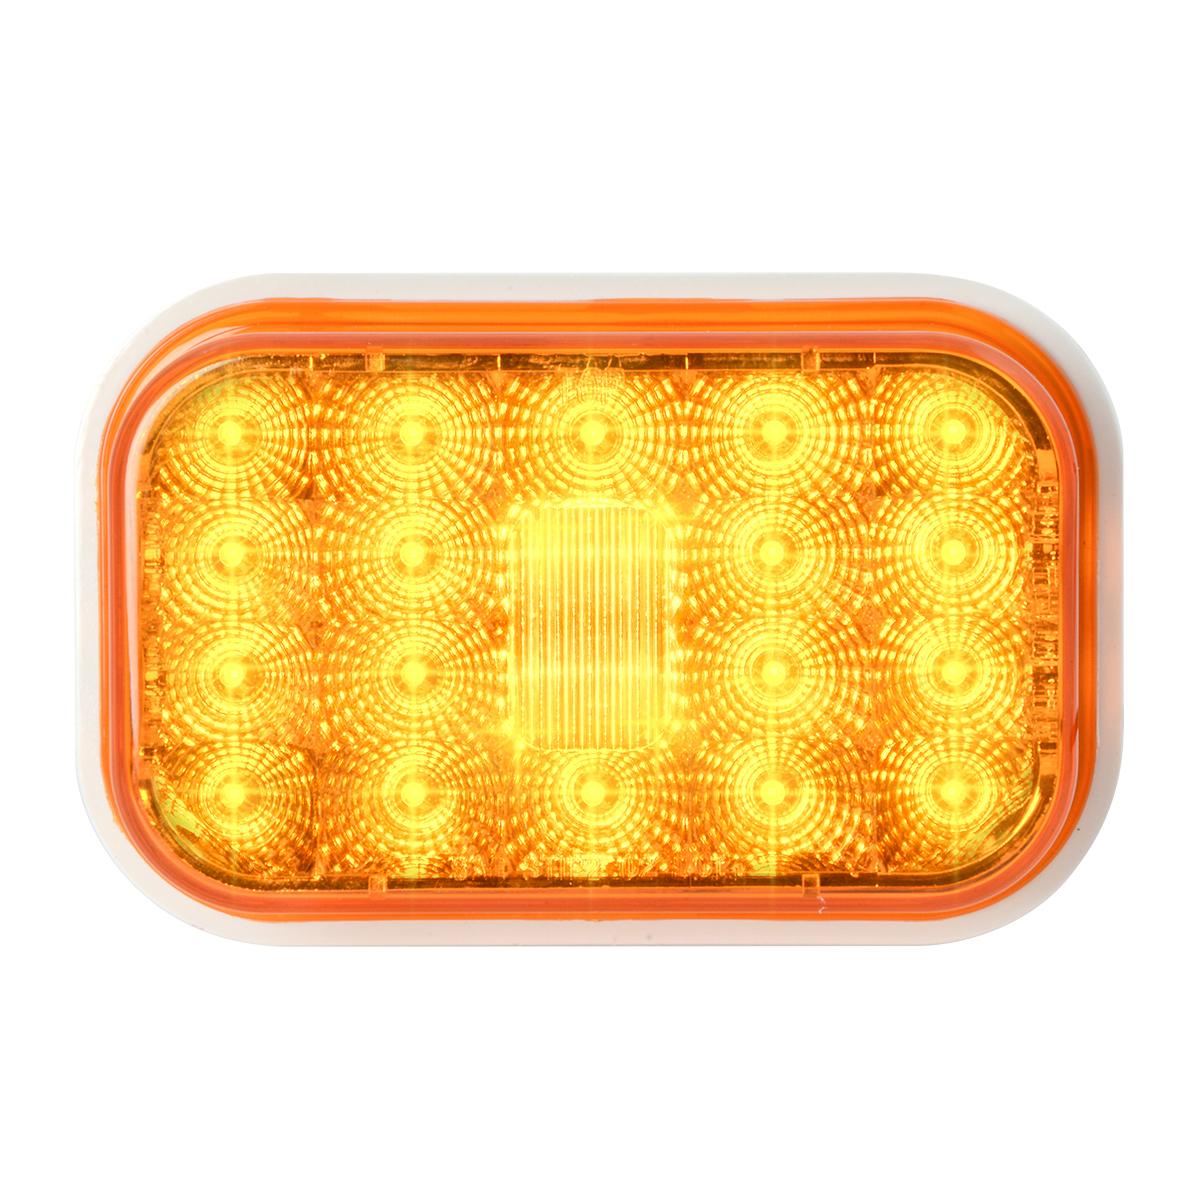 77460 High Profile Rectangular Spyder LED Light in Amber/Amber